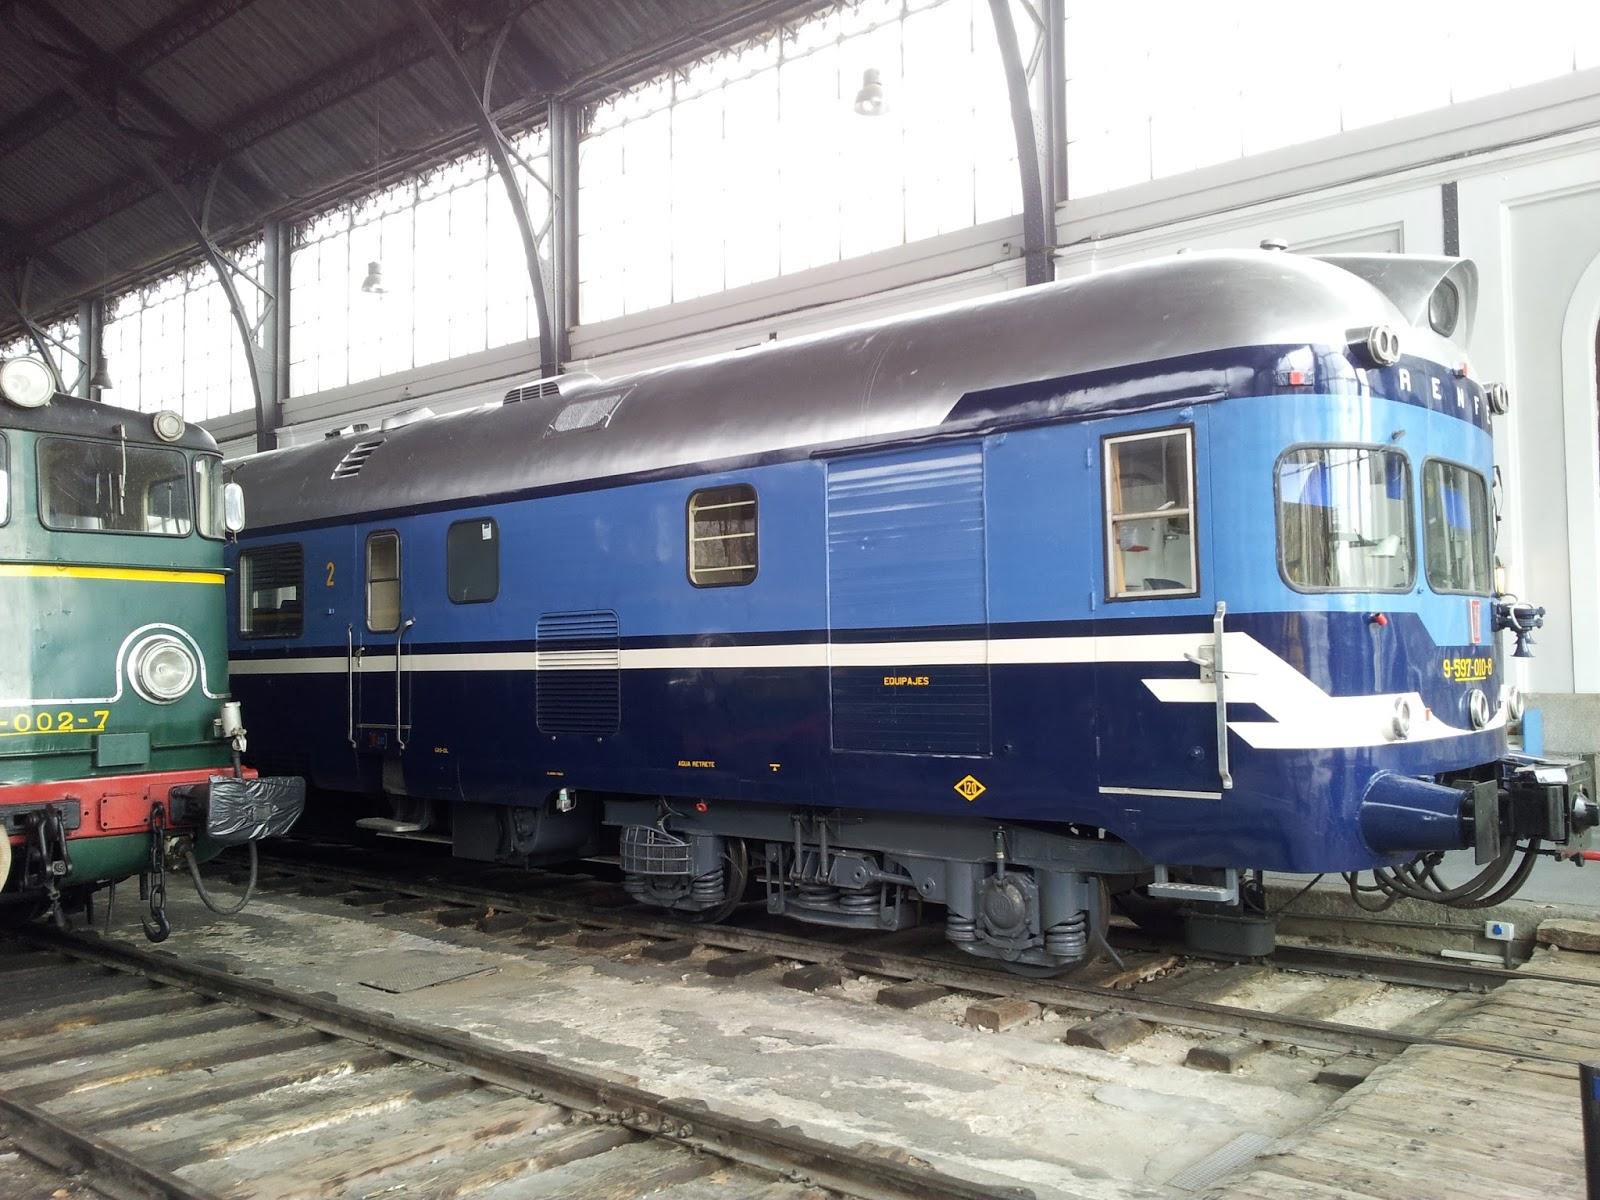 Hablando de trenes